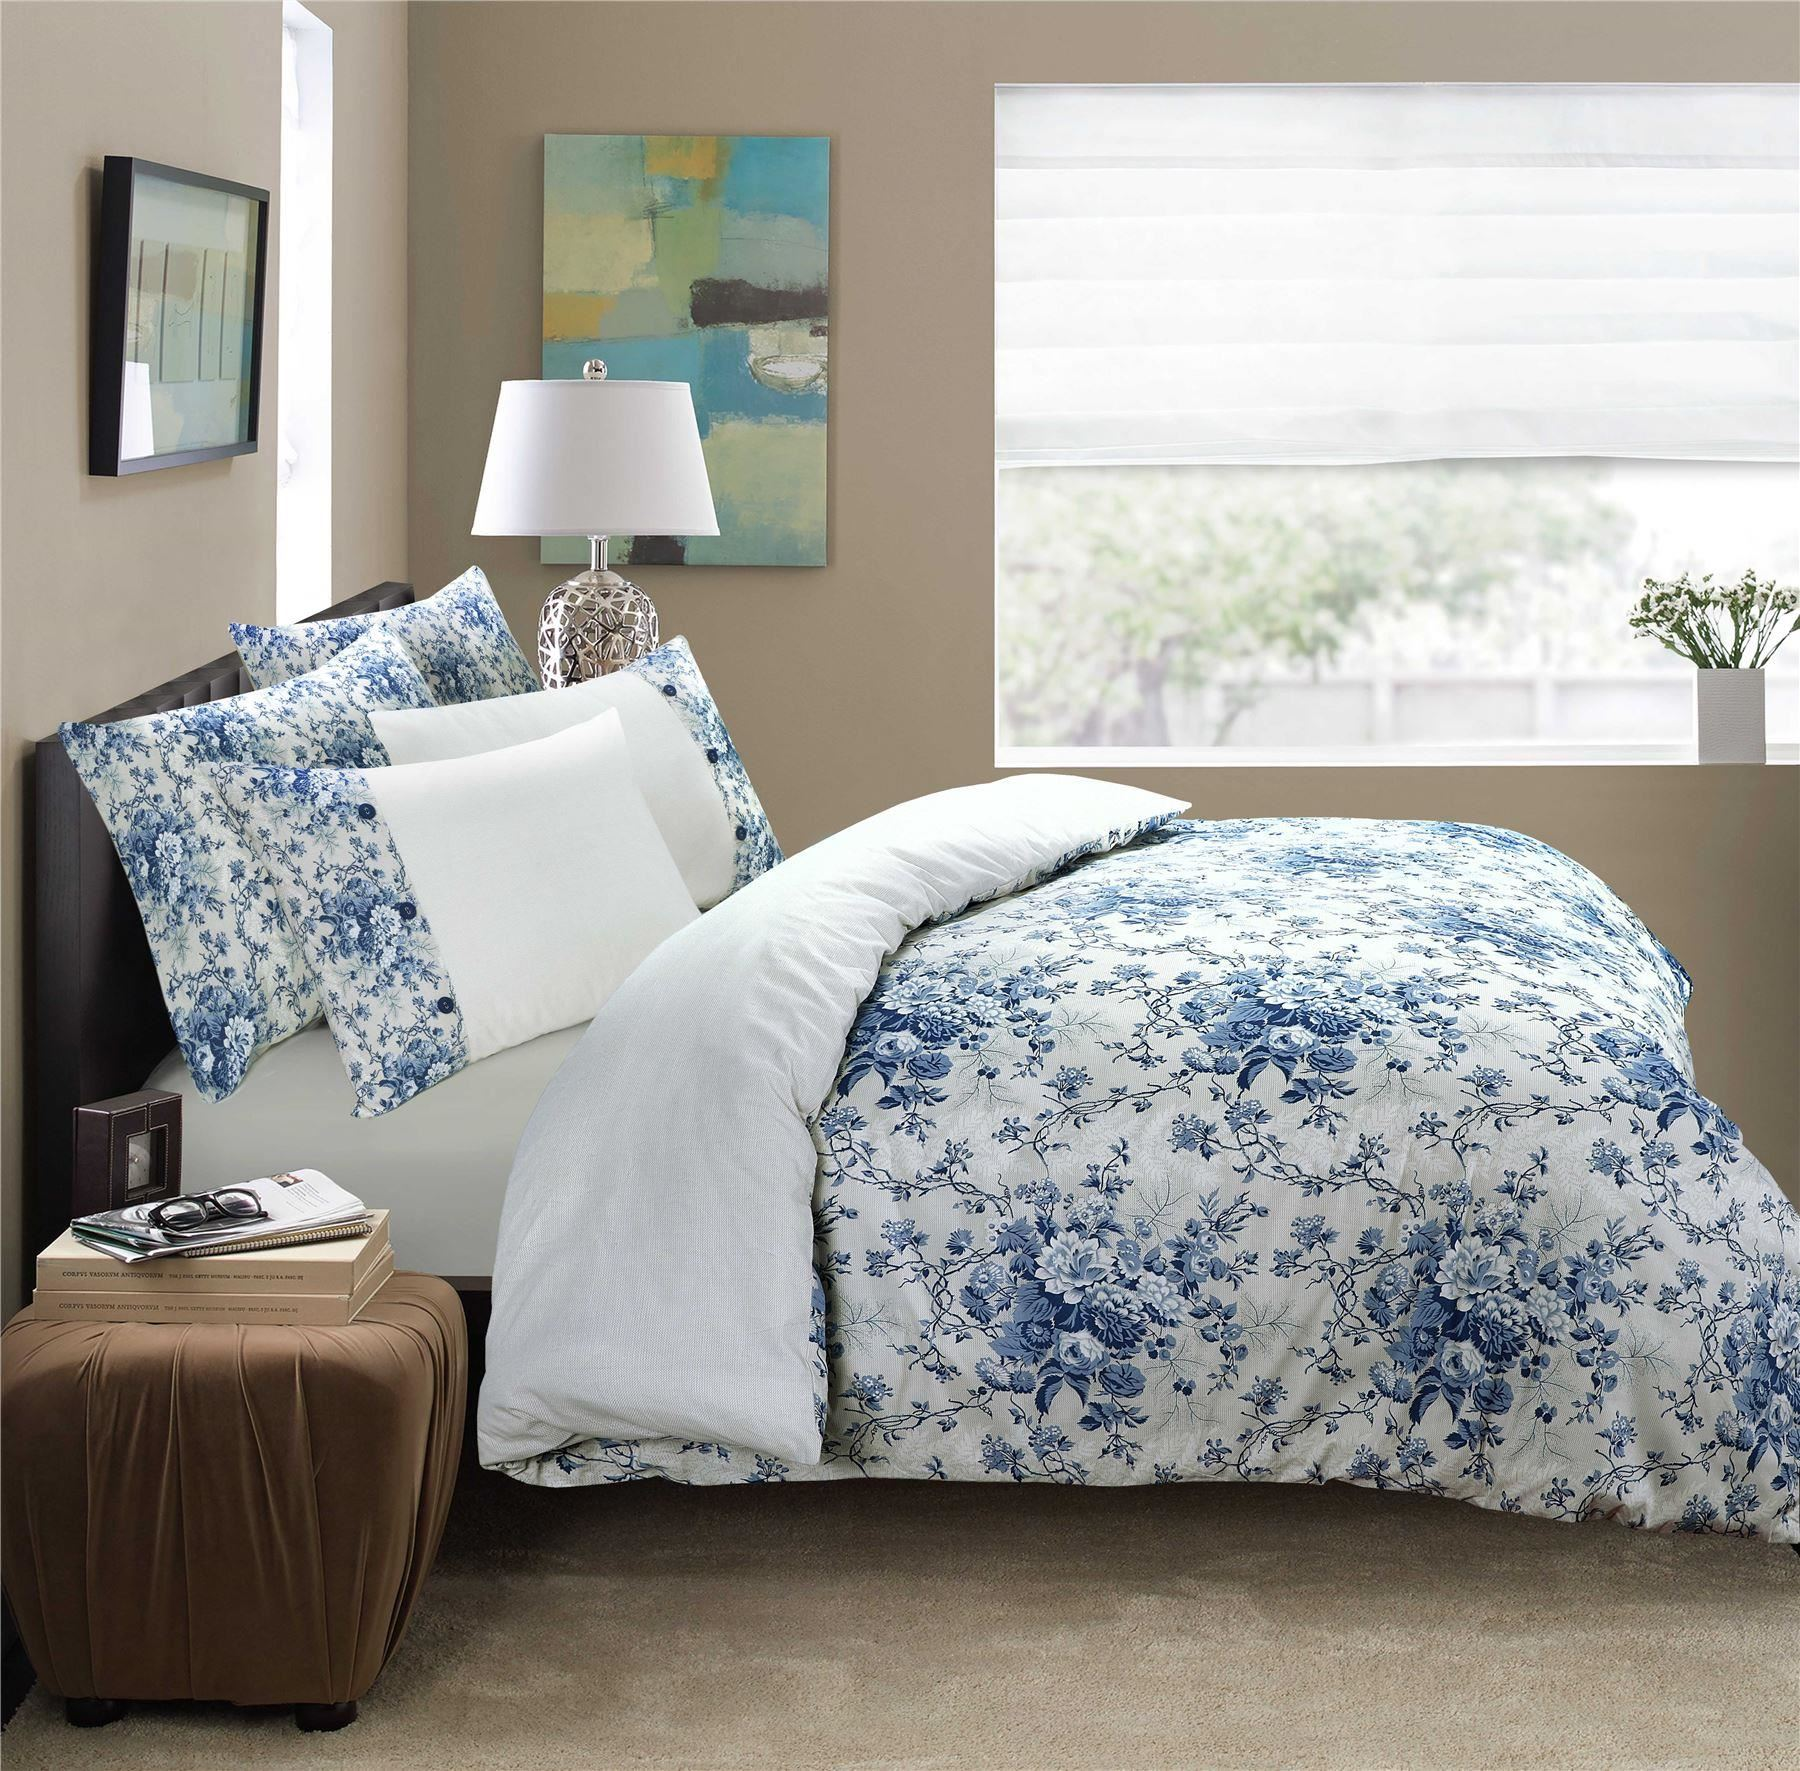 100-Algodon-Cuidado-facil-cubierta-del-edredon-edredon-multicolor-nuevo-conjunto-de-ropa-de-cama miniatura 8